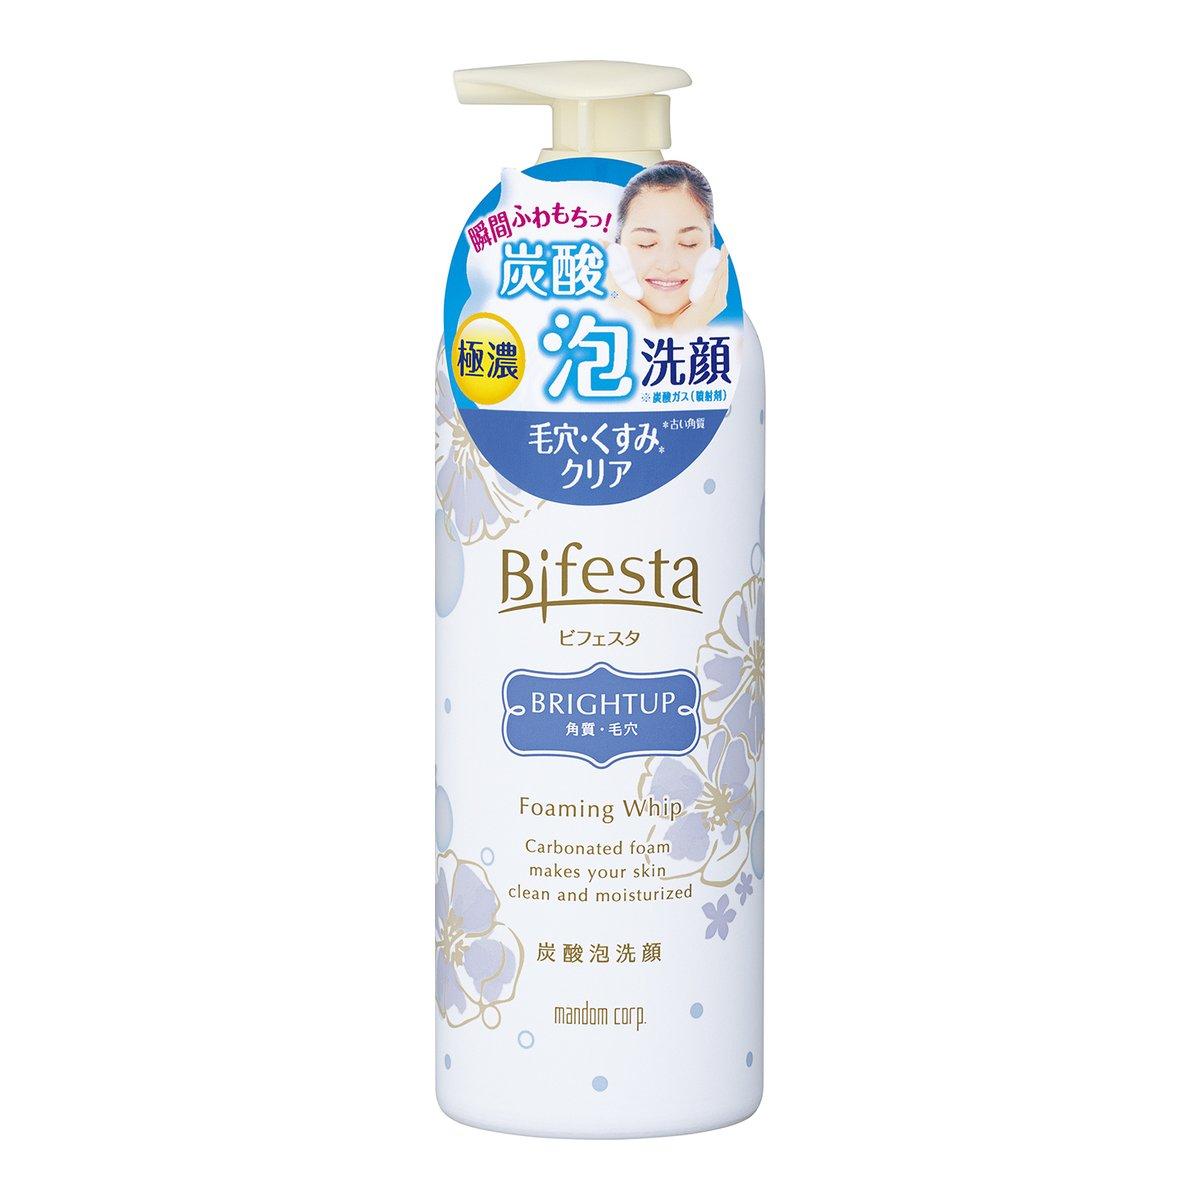 Bifesta 碧菲絲特碳酸泡洗顏系列